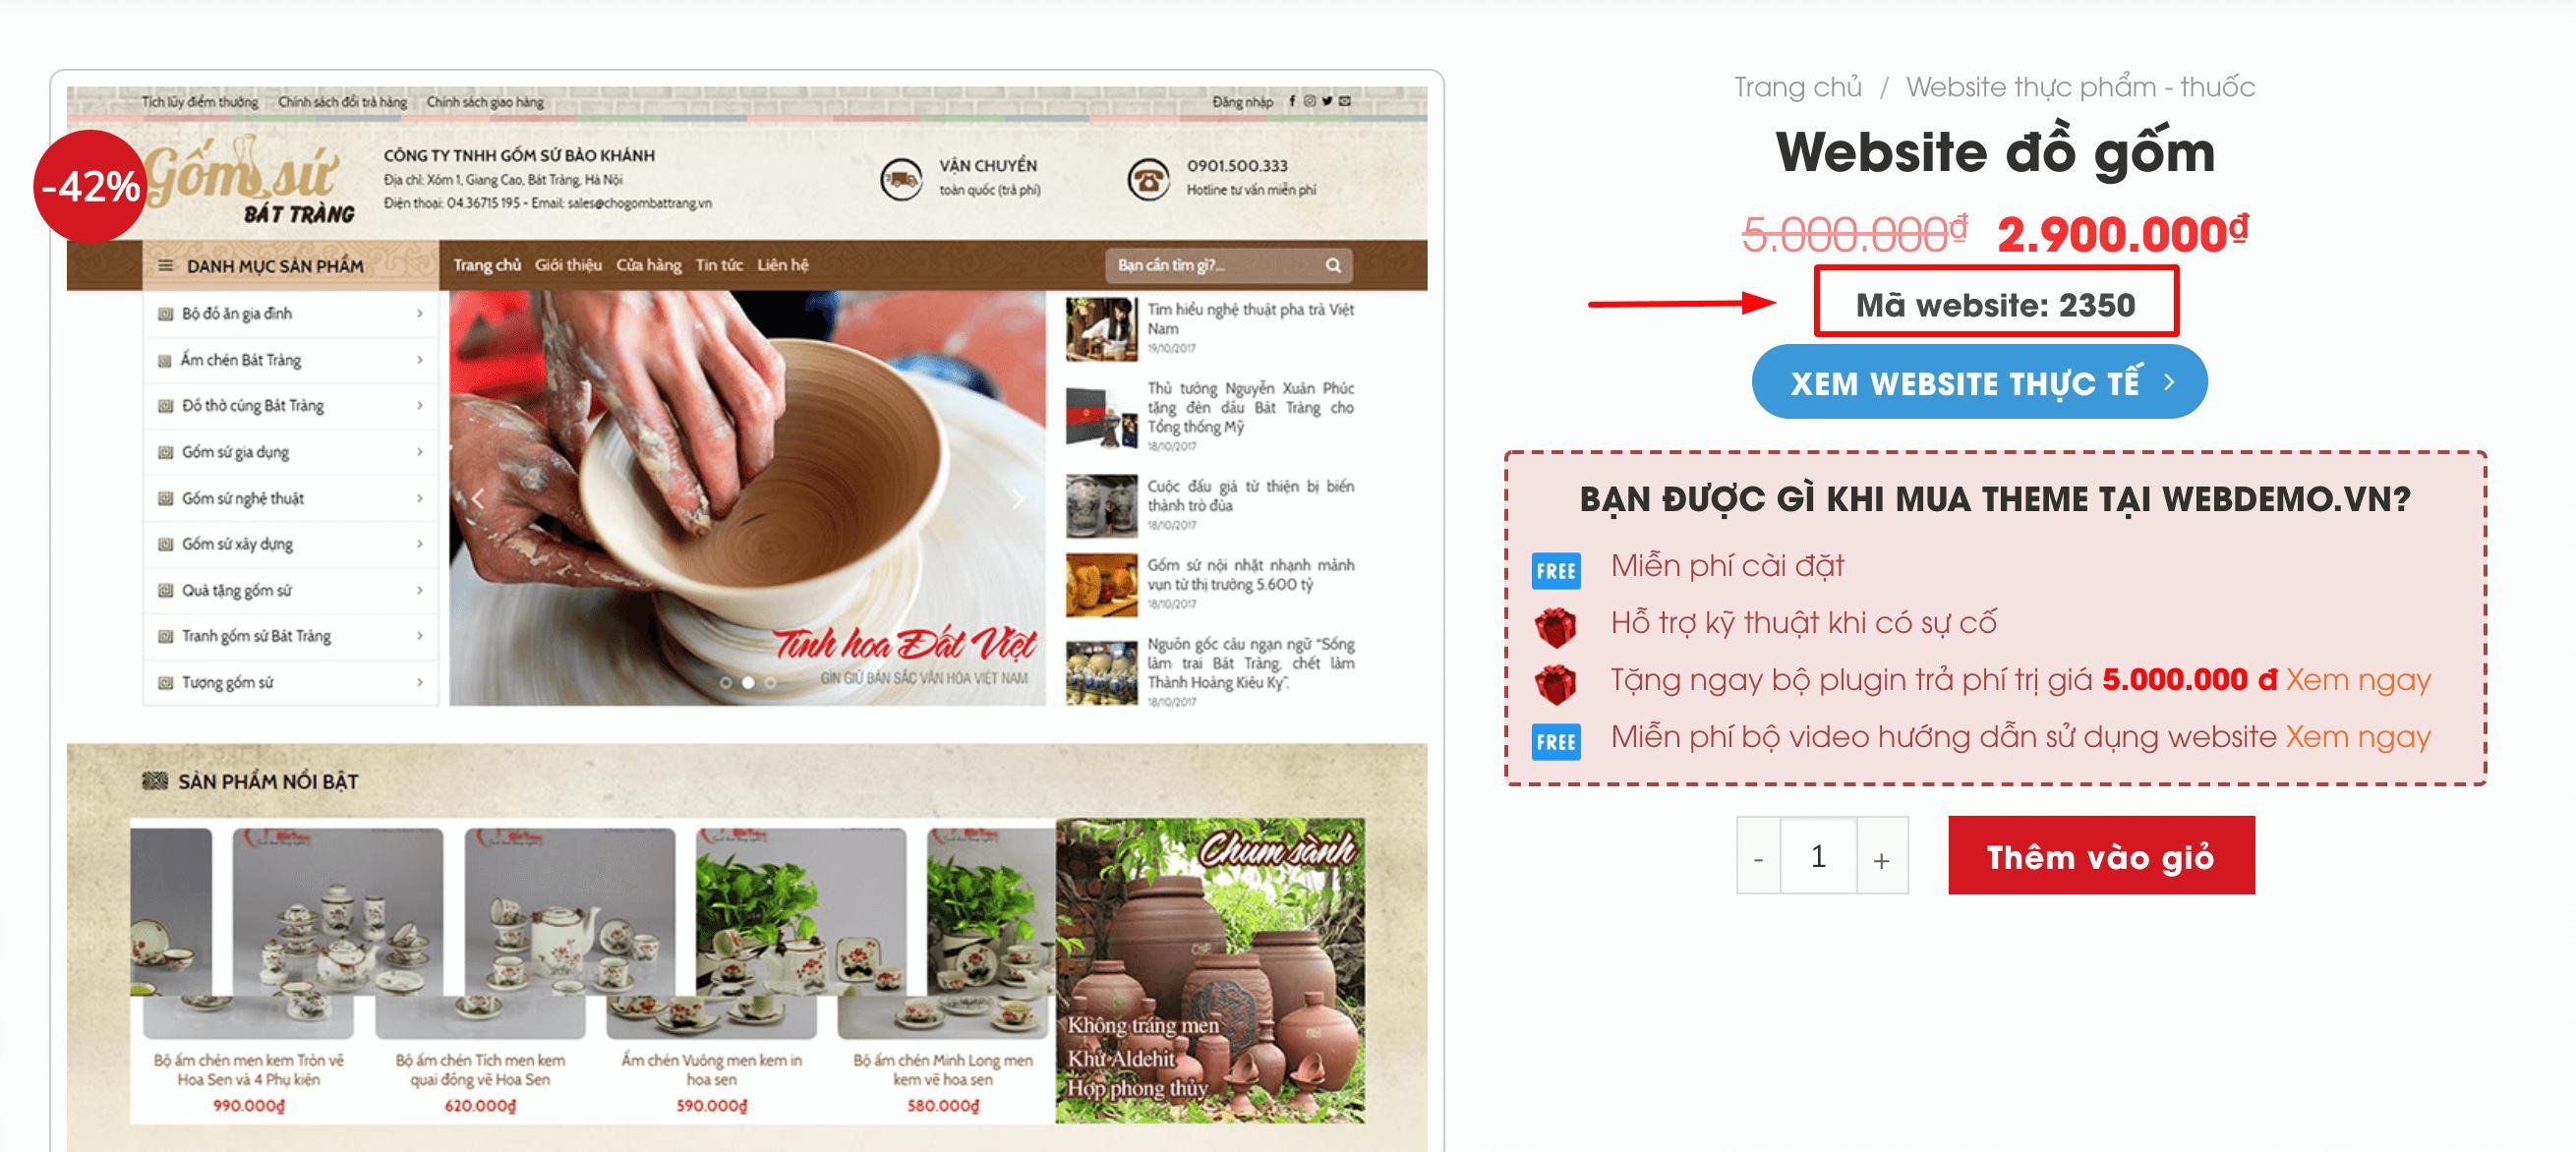 Cách xem Mã Website ở các web mẫu